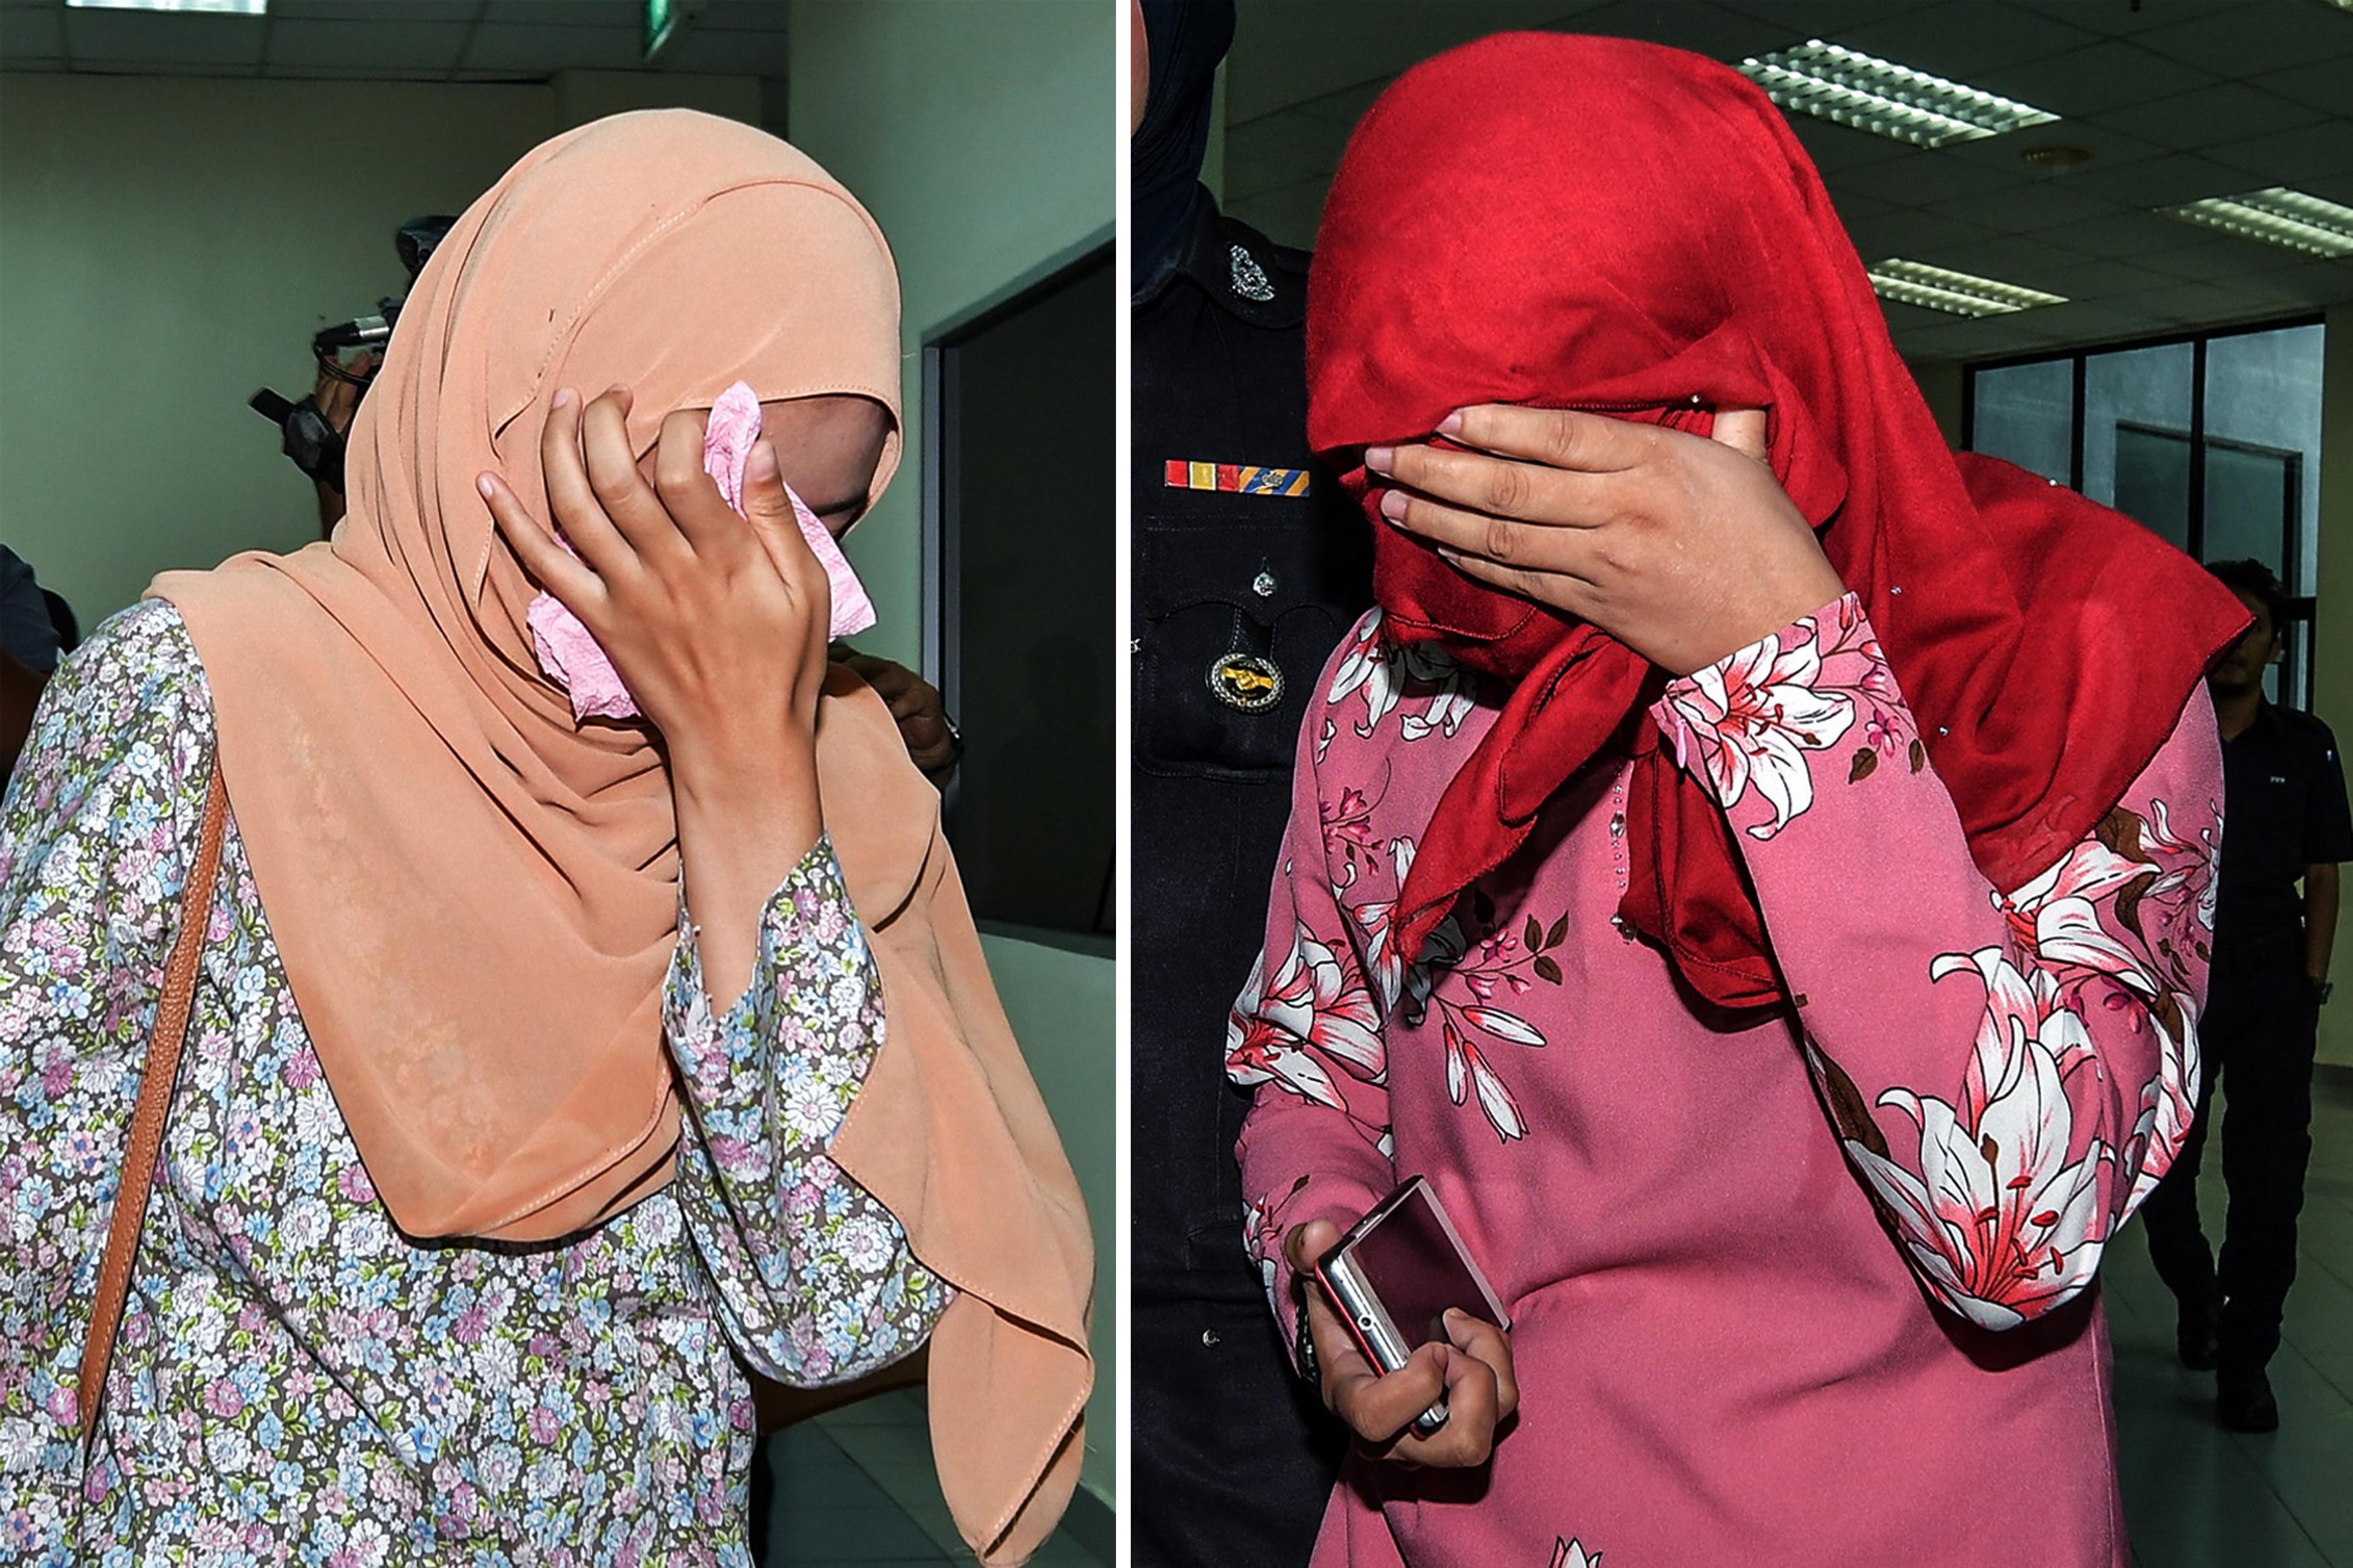 Governo malaio reprova castigo a lésbicas: Não reflete valores do Islão